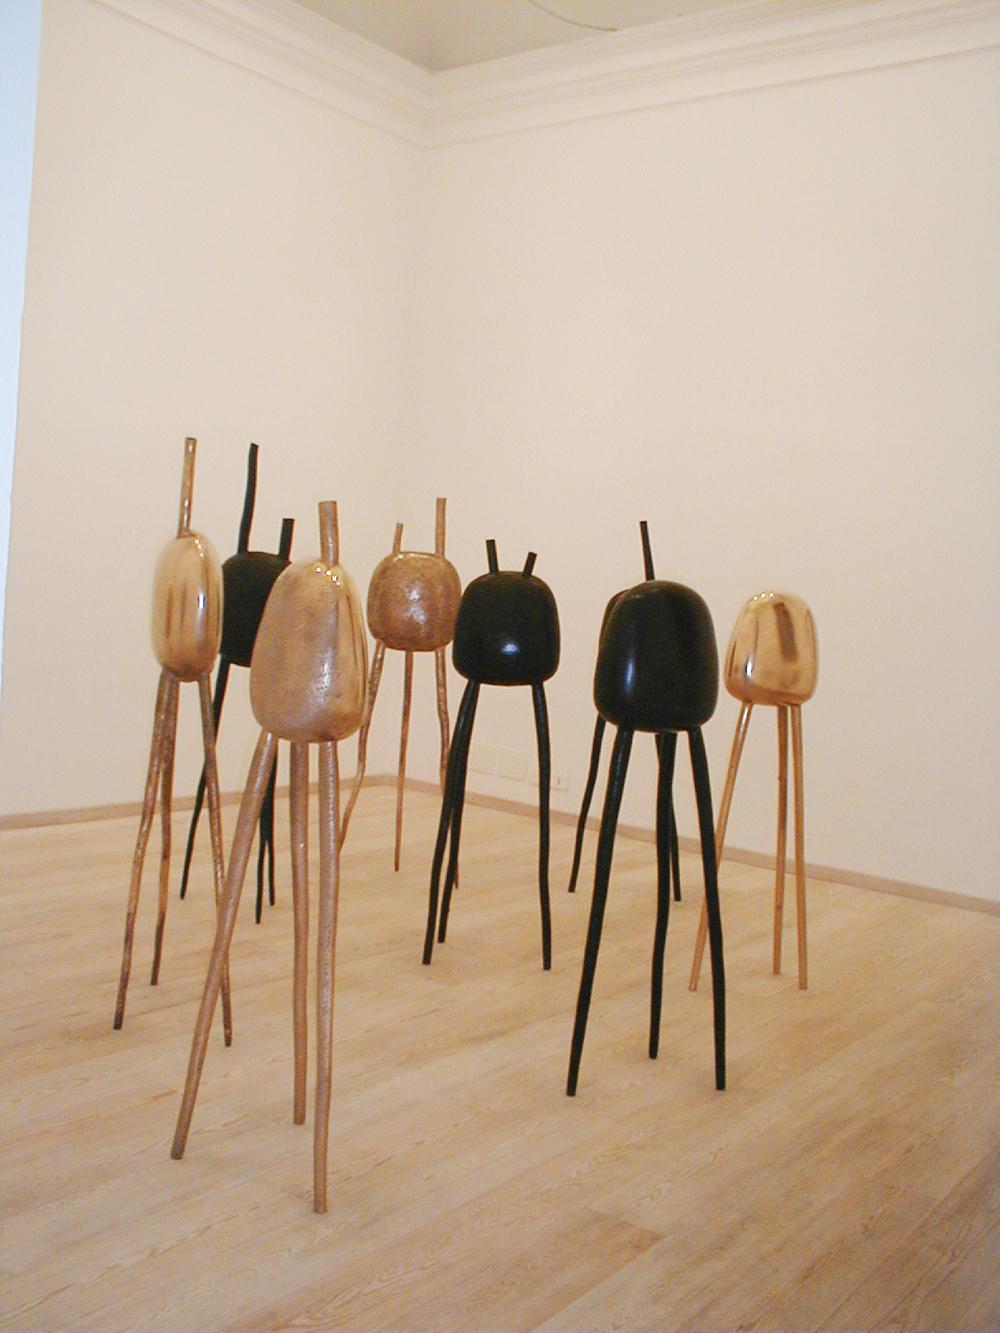 Polpi, 1992, bronzo, cm 180x40x40 ciasc., installazione ambientale